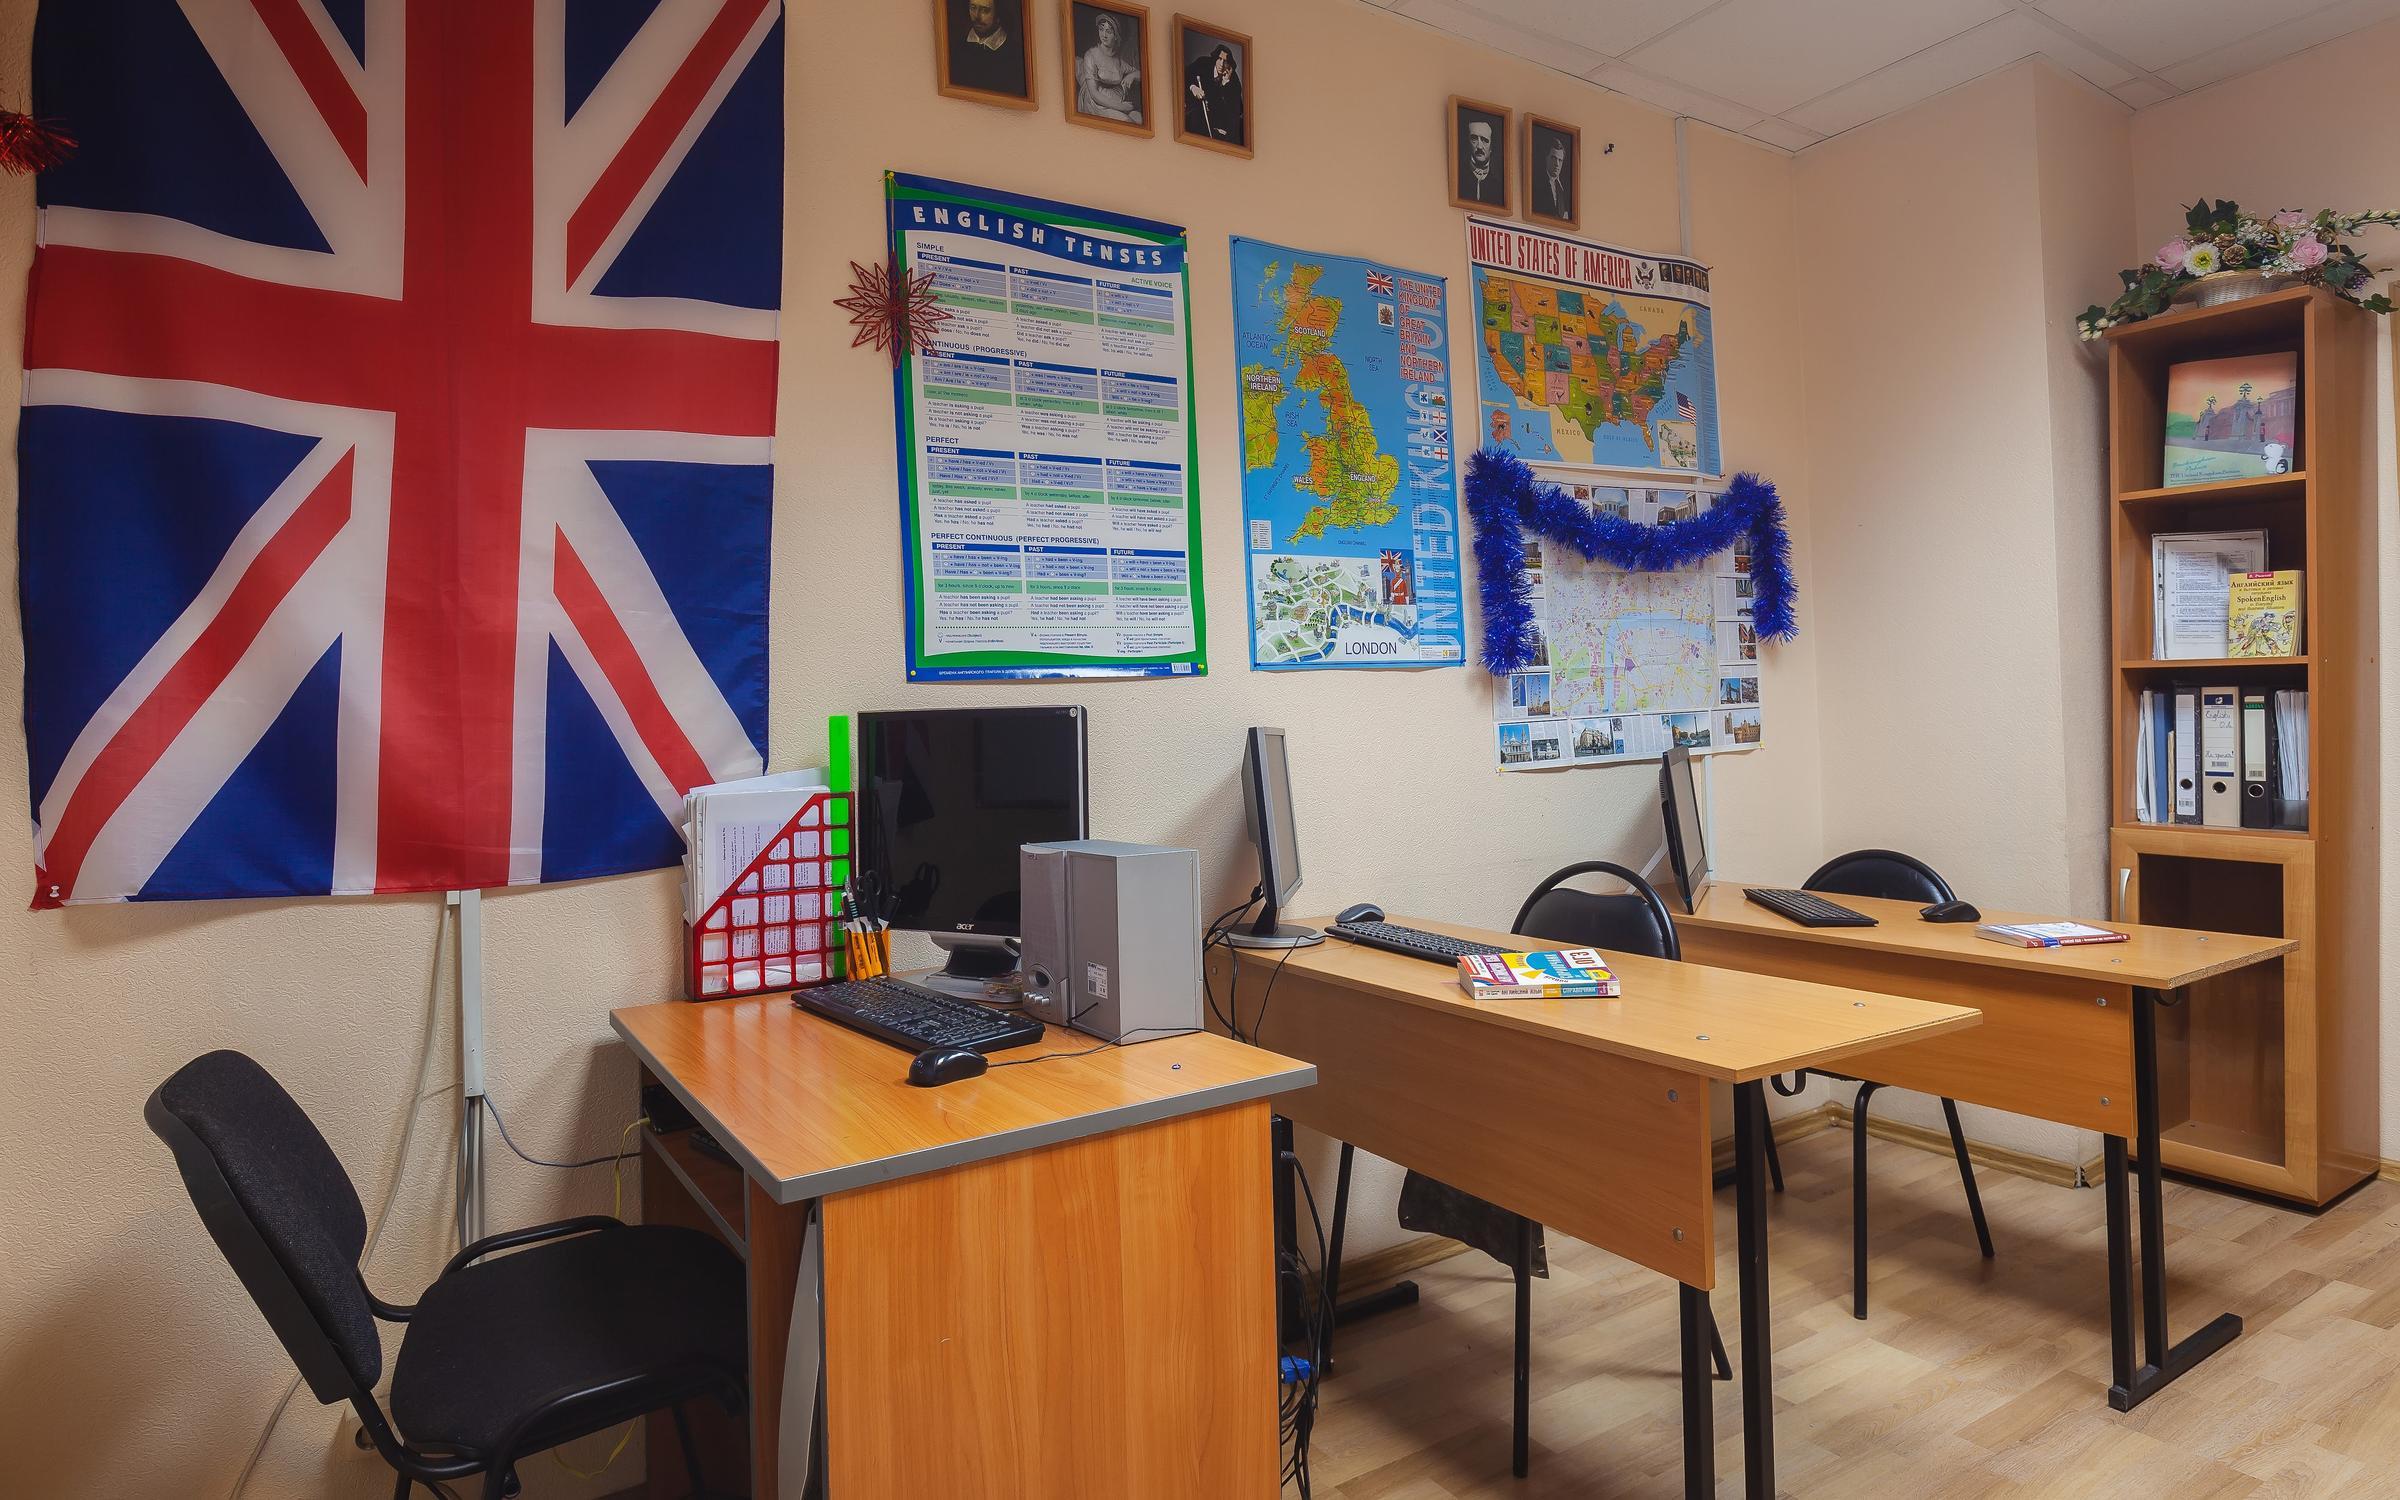 фотография Центра образования и развития личности Мир Знаний на Федеративном проспекте